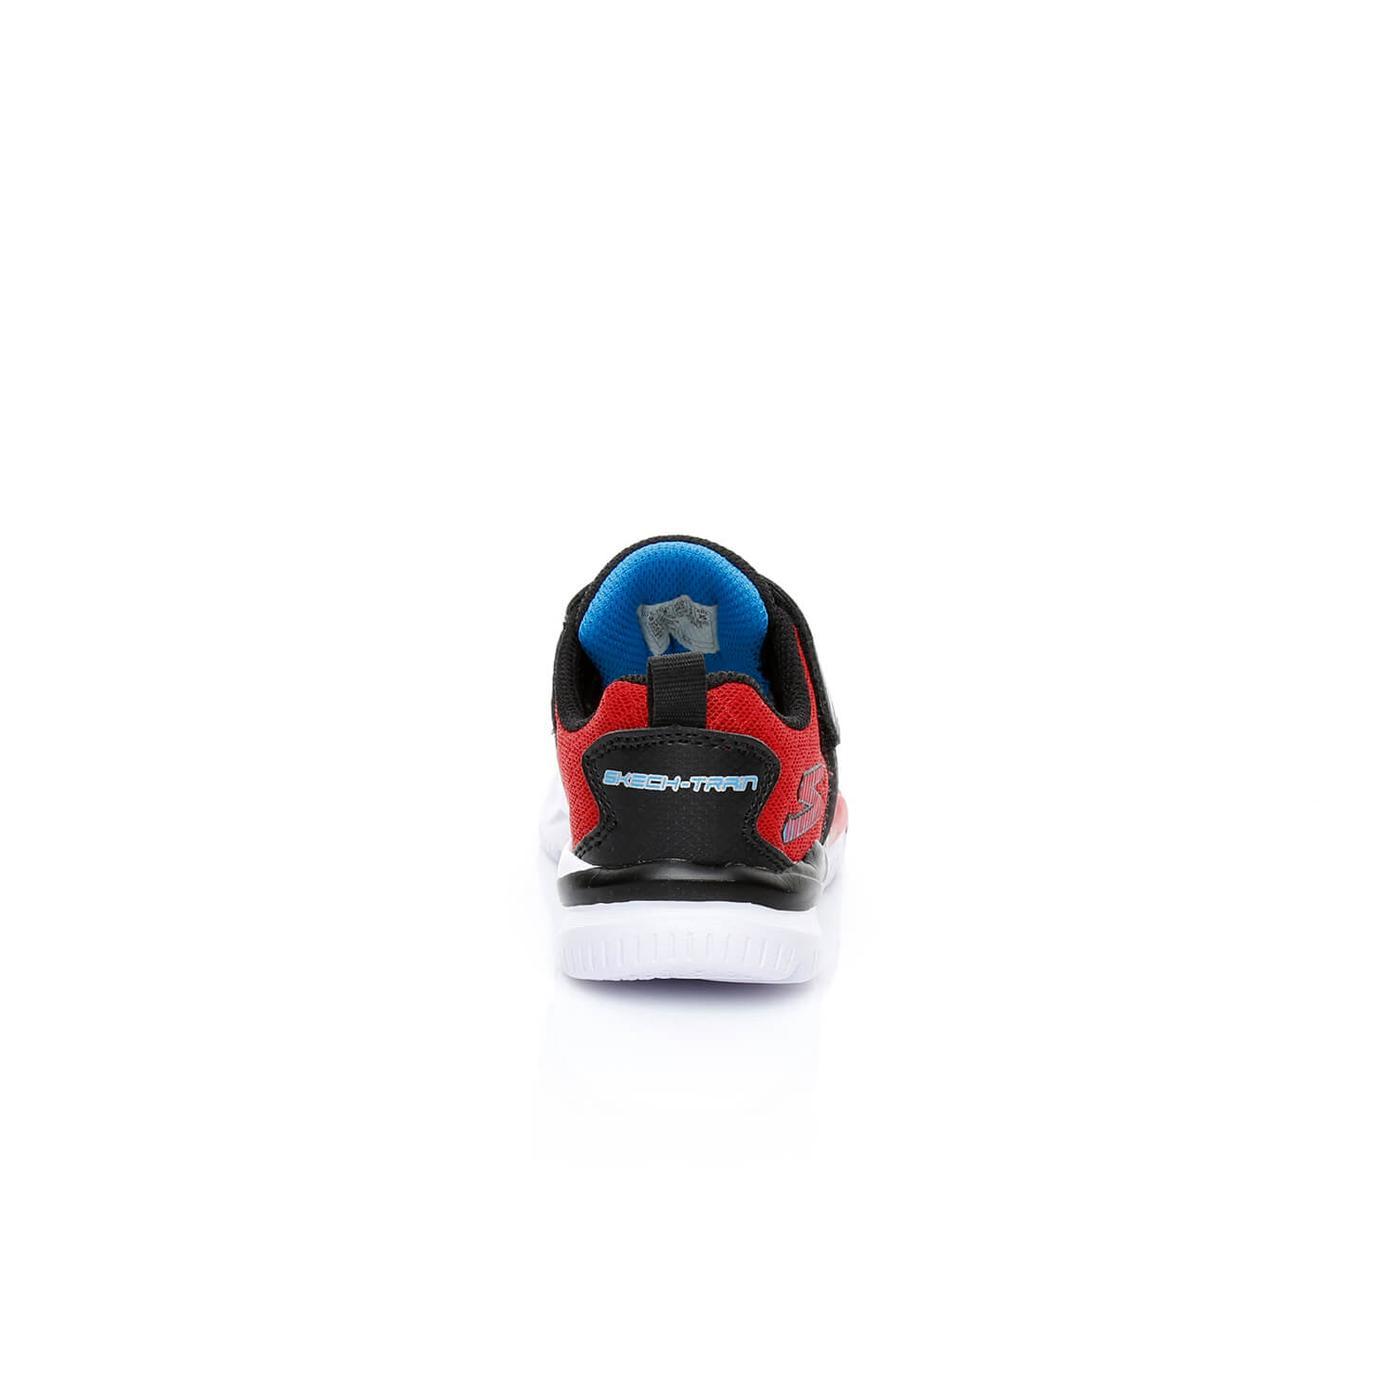 Skechers Skech Train Çocuk Renkli Spor Ayakkabı